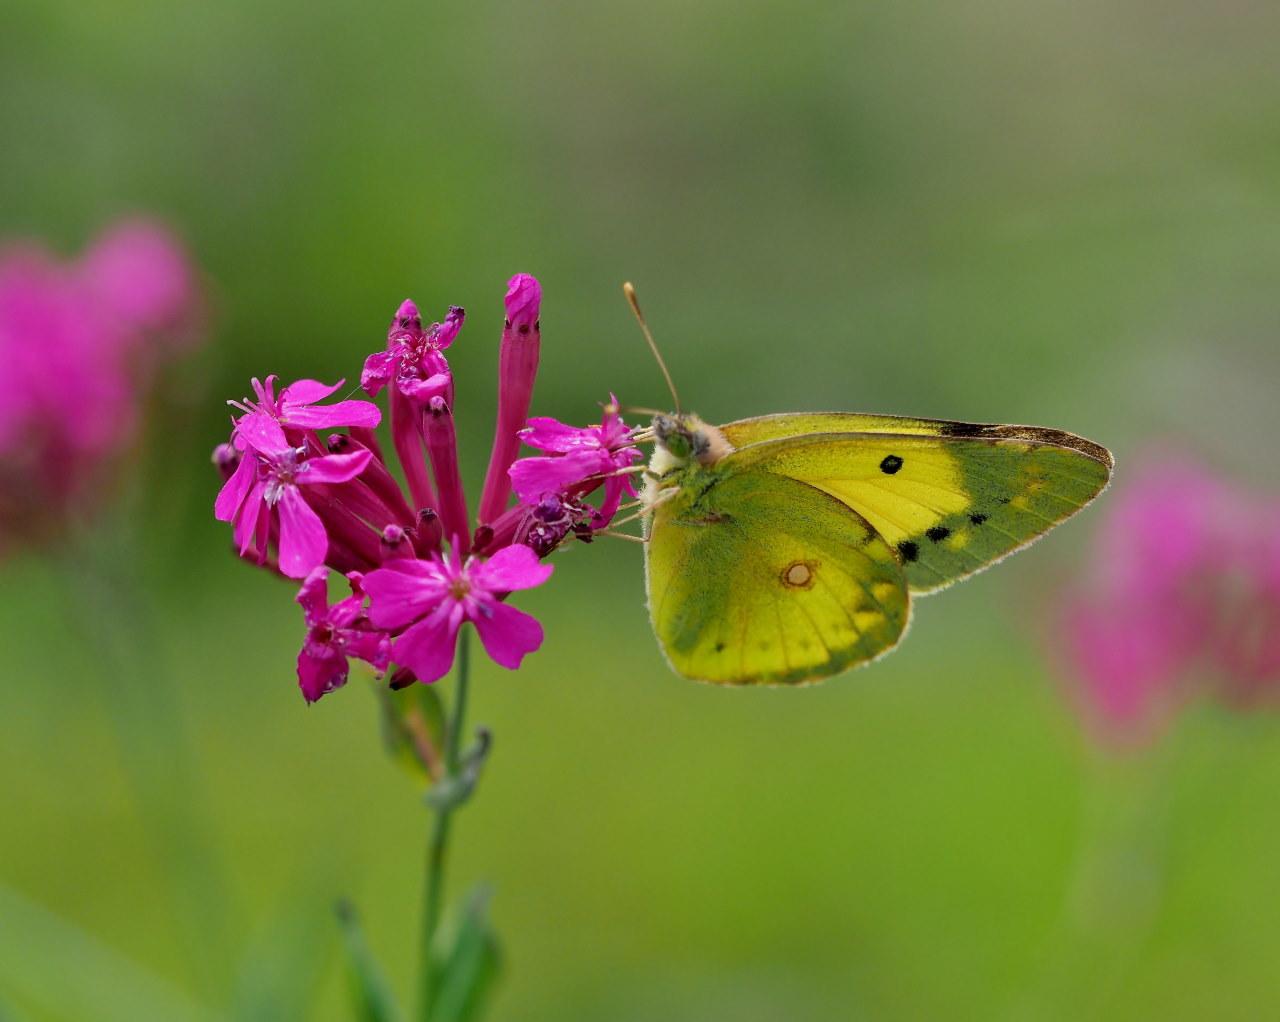 榛名湖畔で避暑がてら おもに虫撮り_c0305565_17305291.jpg